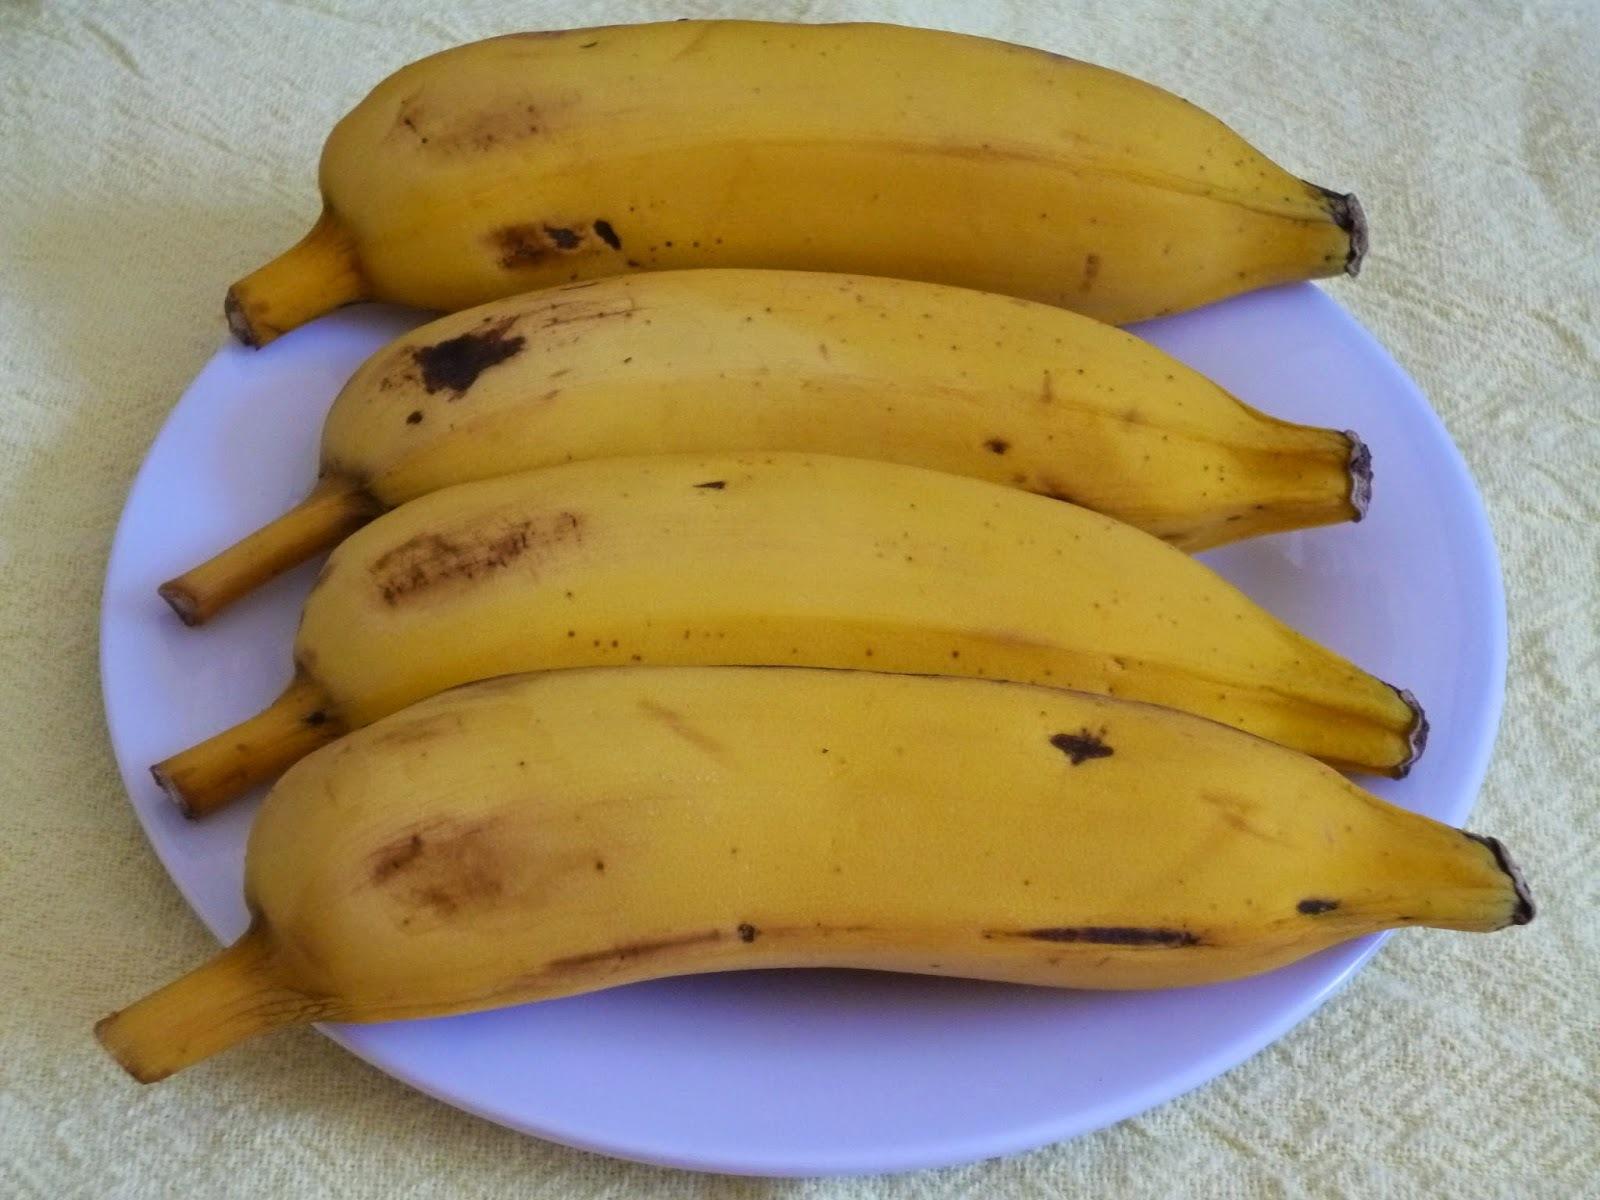 tenho muita banana madura o que